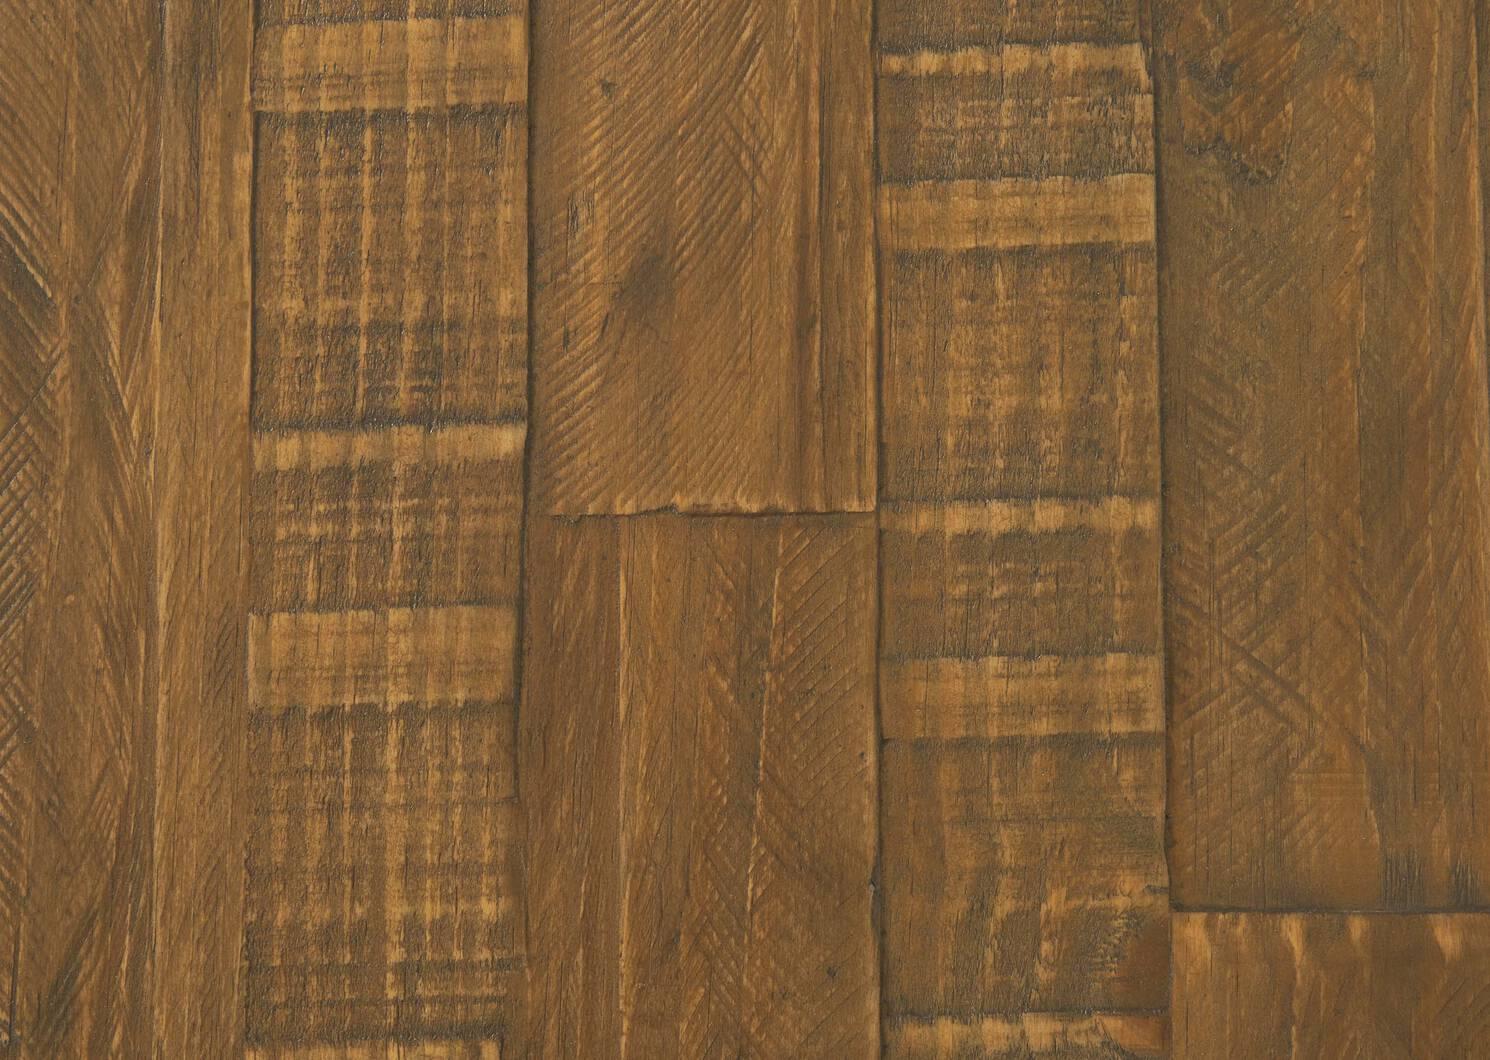 Blaine Tuck Table -Malta Pine